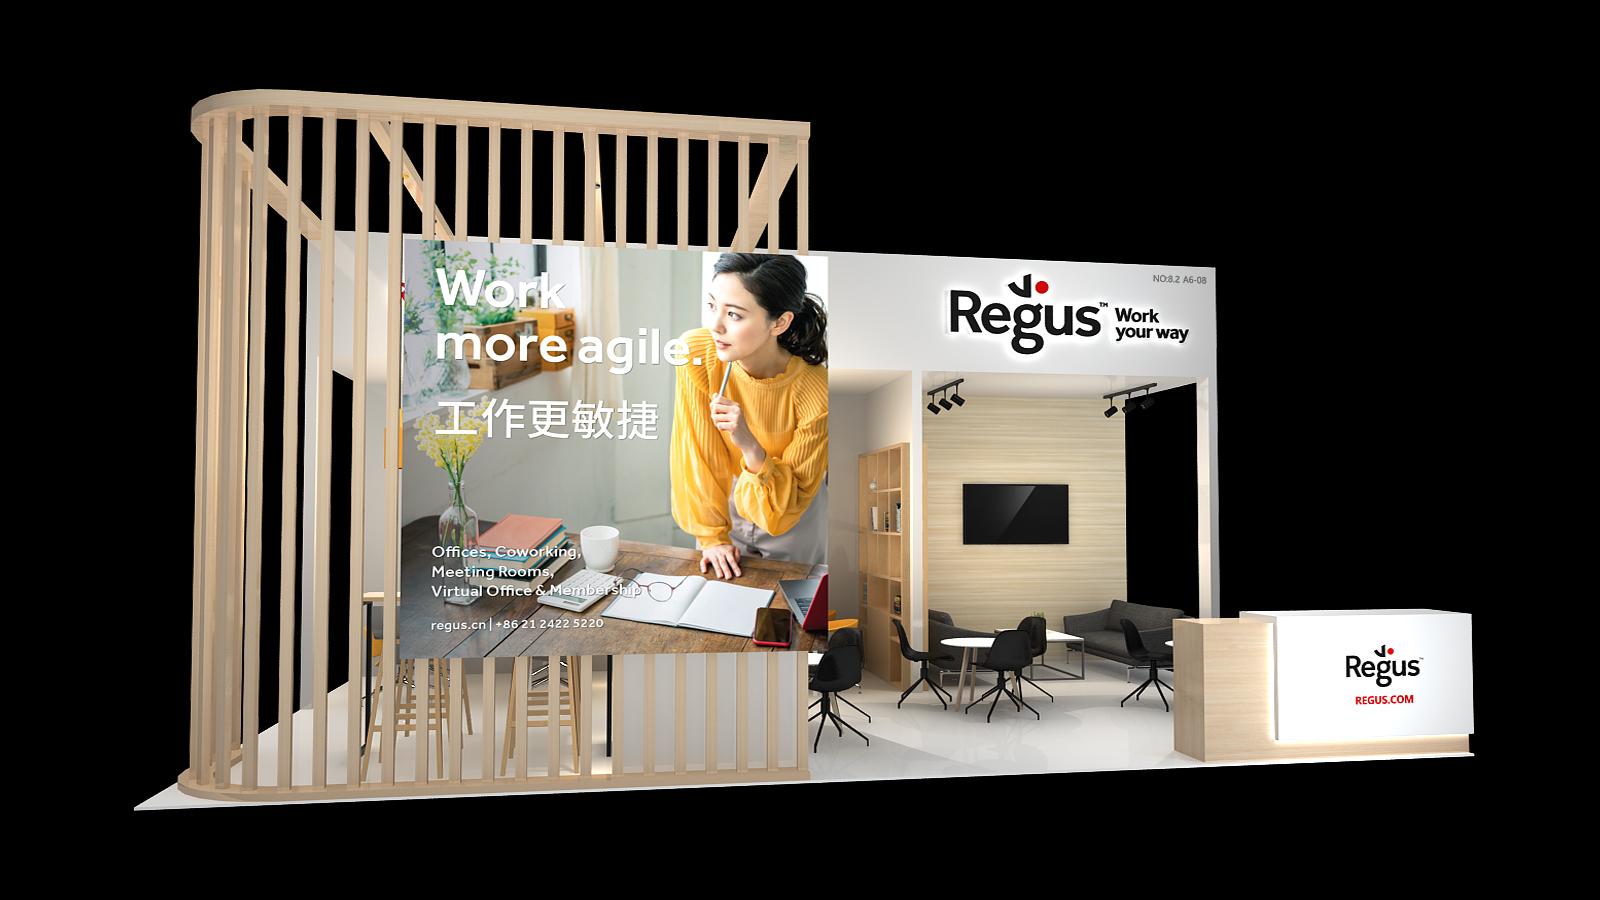 雷格斯-2020年第三届进博会展台案例